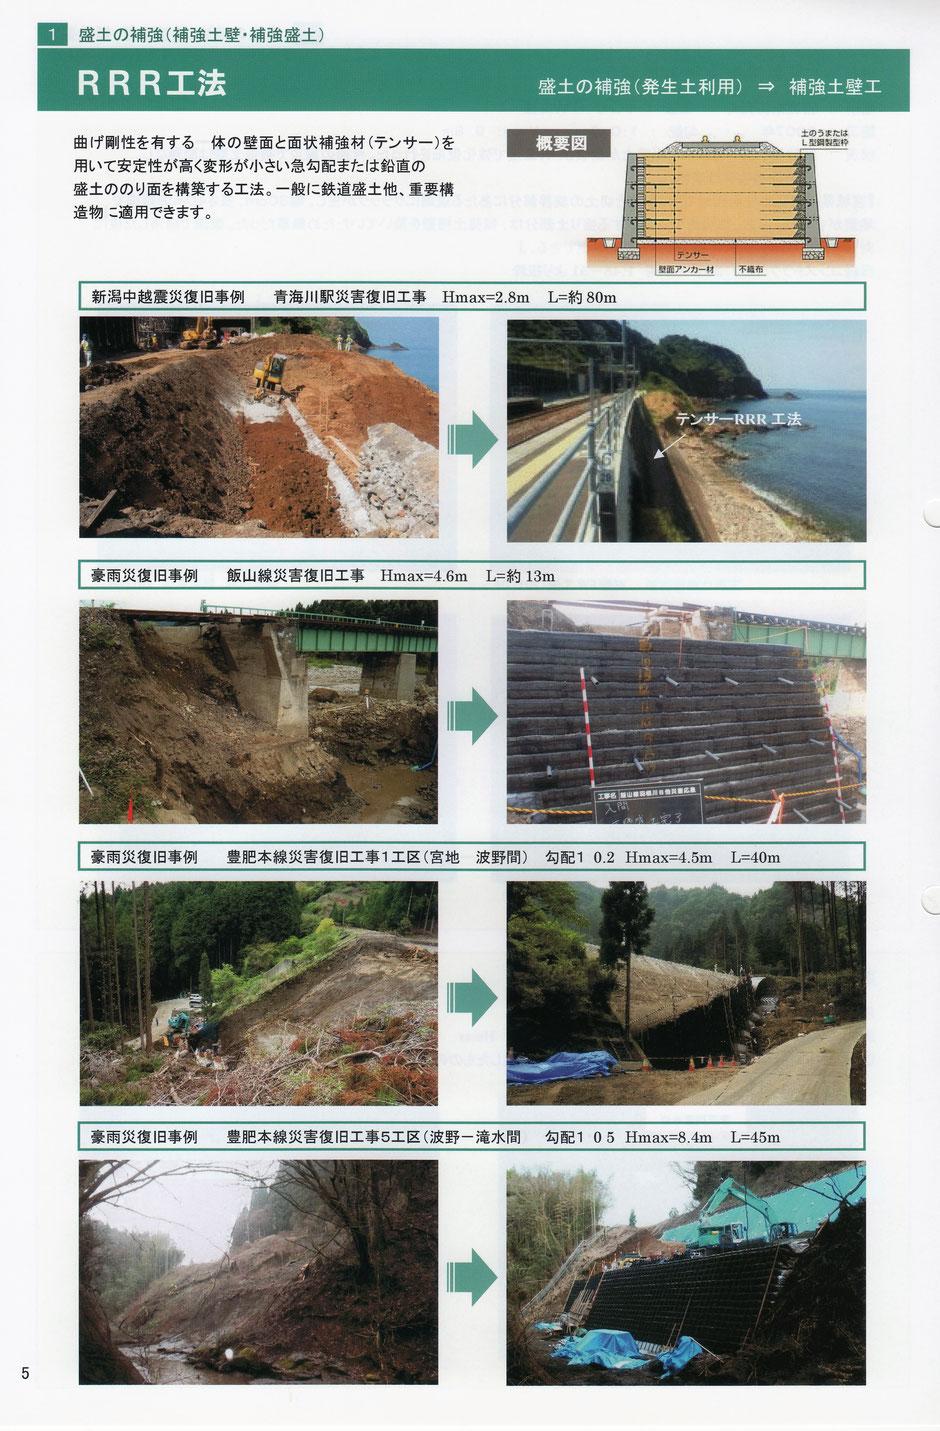 災害復旧 のり面保護 道路復旧 斜面崩落 防災資材 道路資材 のり面強化 災害防止 崖崩れ 崖補強 のり面補強 土木資材